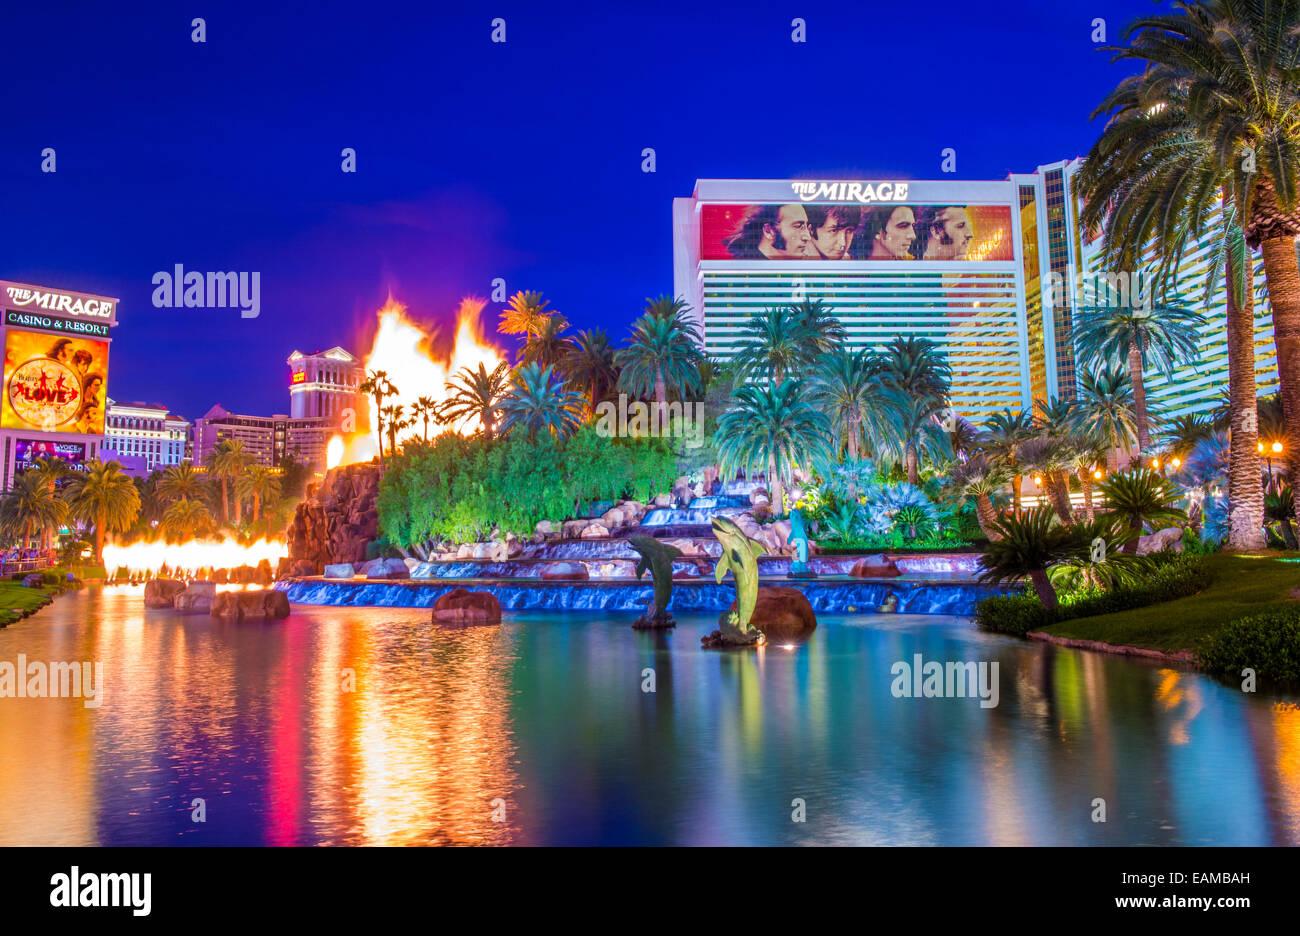 Mirage resort & casino in las vegas nv